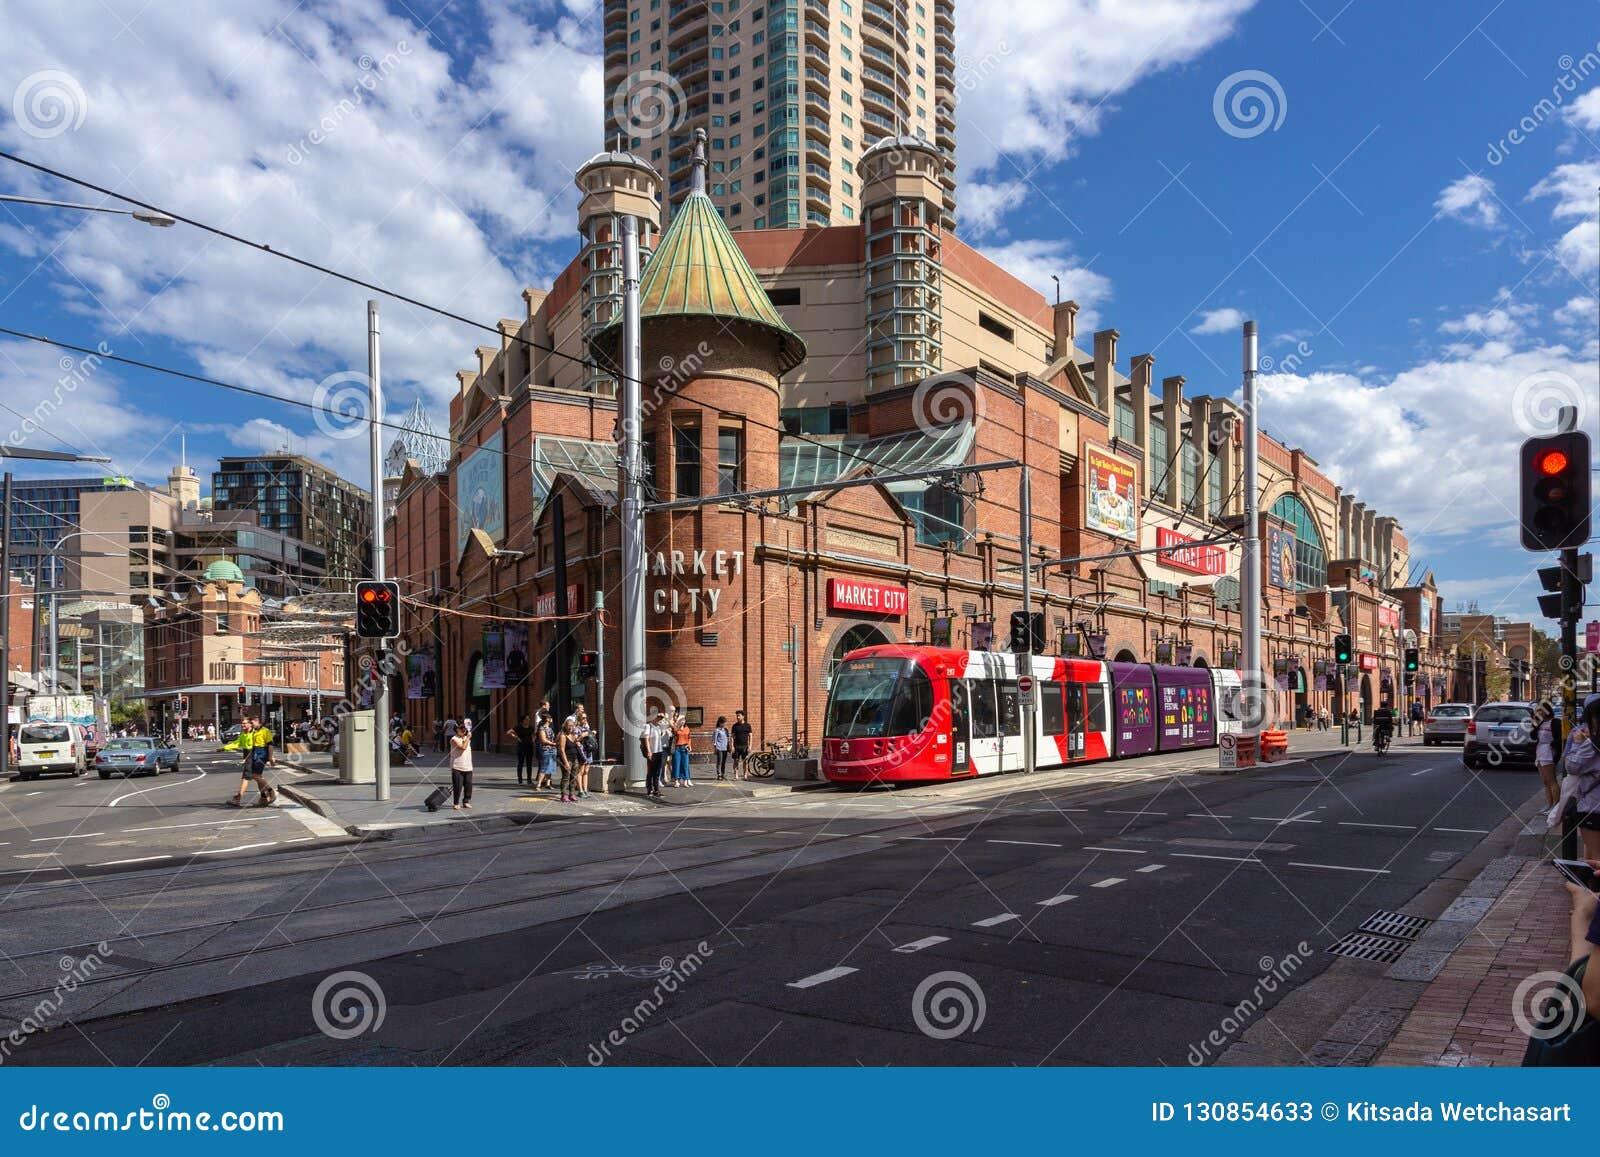 Sydney-Lichtschienenhalt an den Märkten des Paddys Die Sydney-Lichtschiene